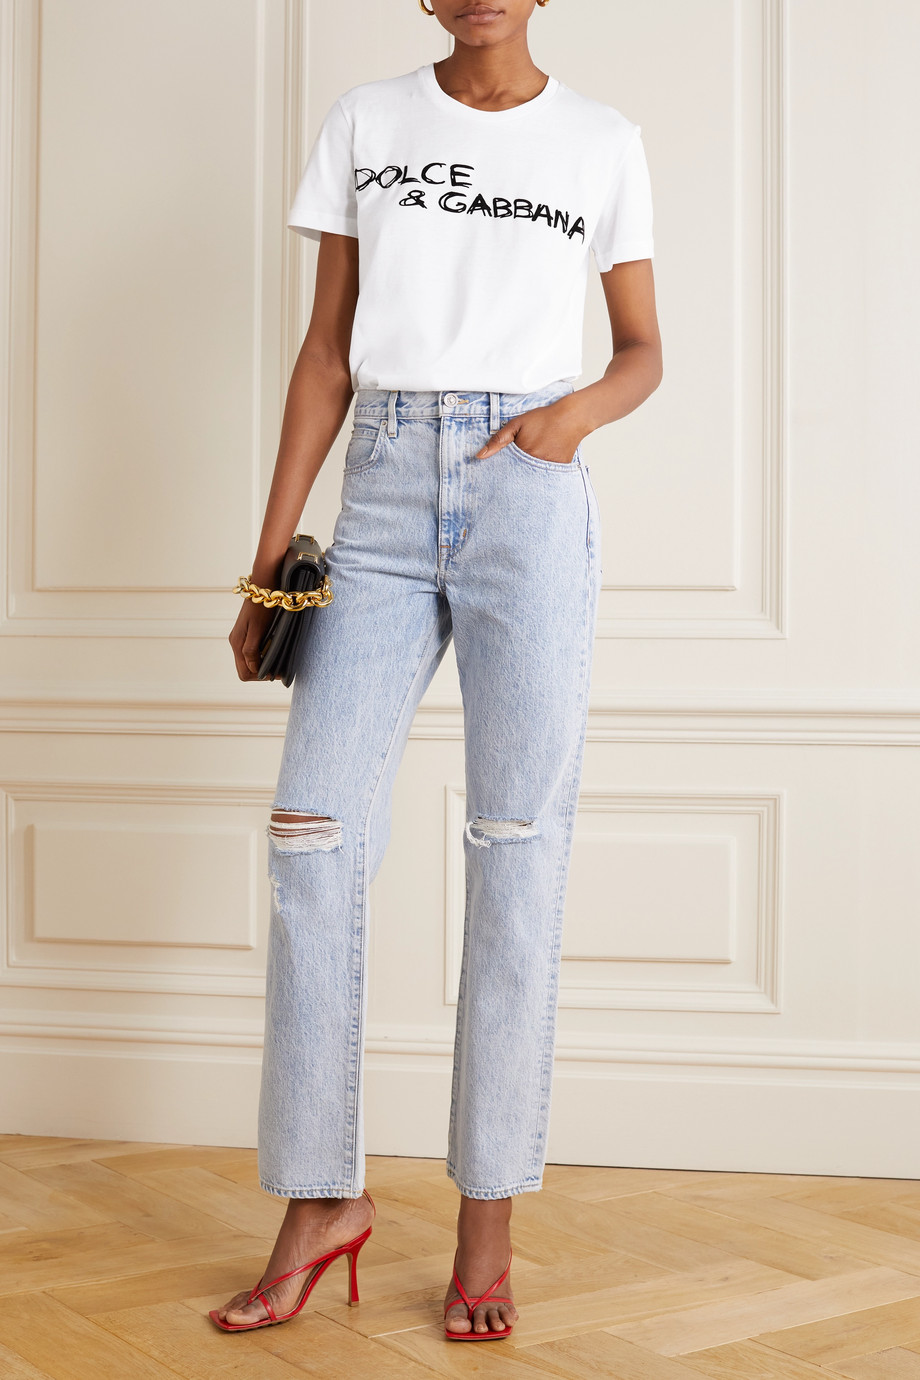 Dolce & Gabbana Flocked cotton-jersey T-shirt